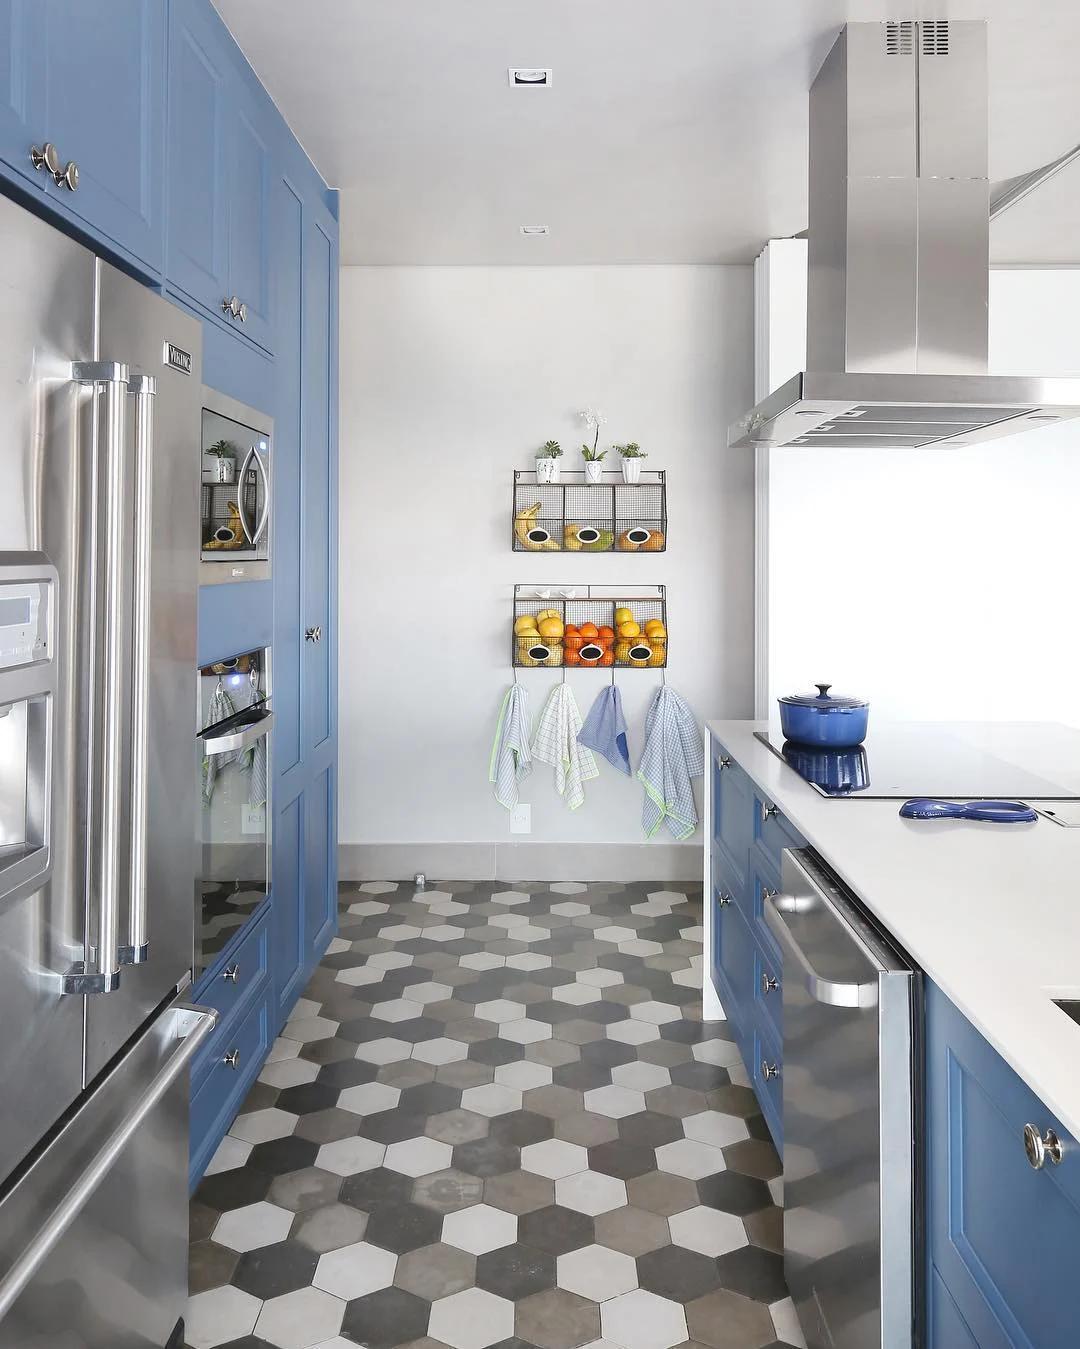 cozinha piso revestimento hexagonal degradê cinza